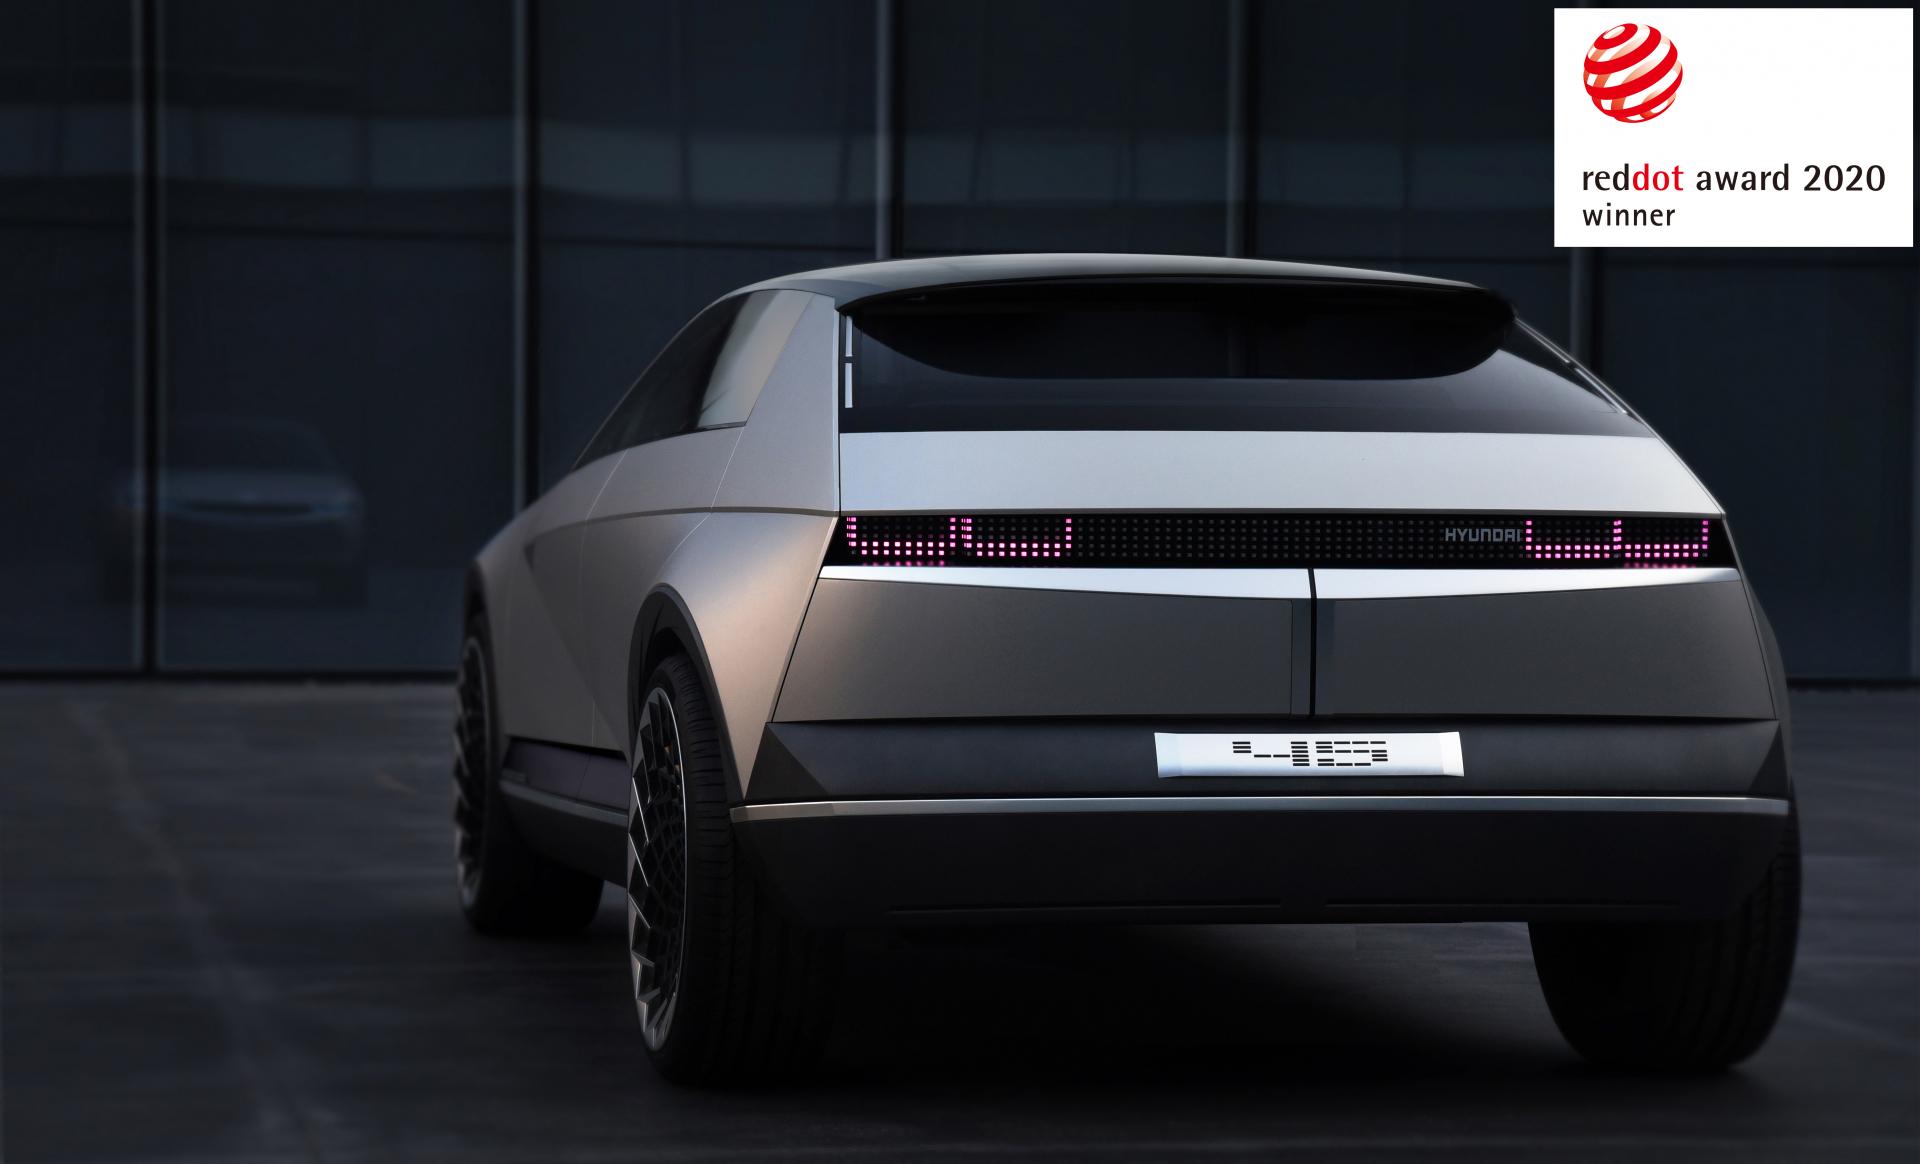 Компанія Hyundai Motor отримала три нагороди Red Dot Award 2020 за концептуальний дизайн | Автопланета - фото 10